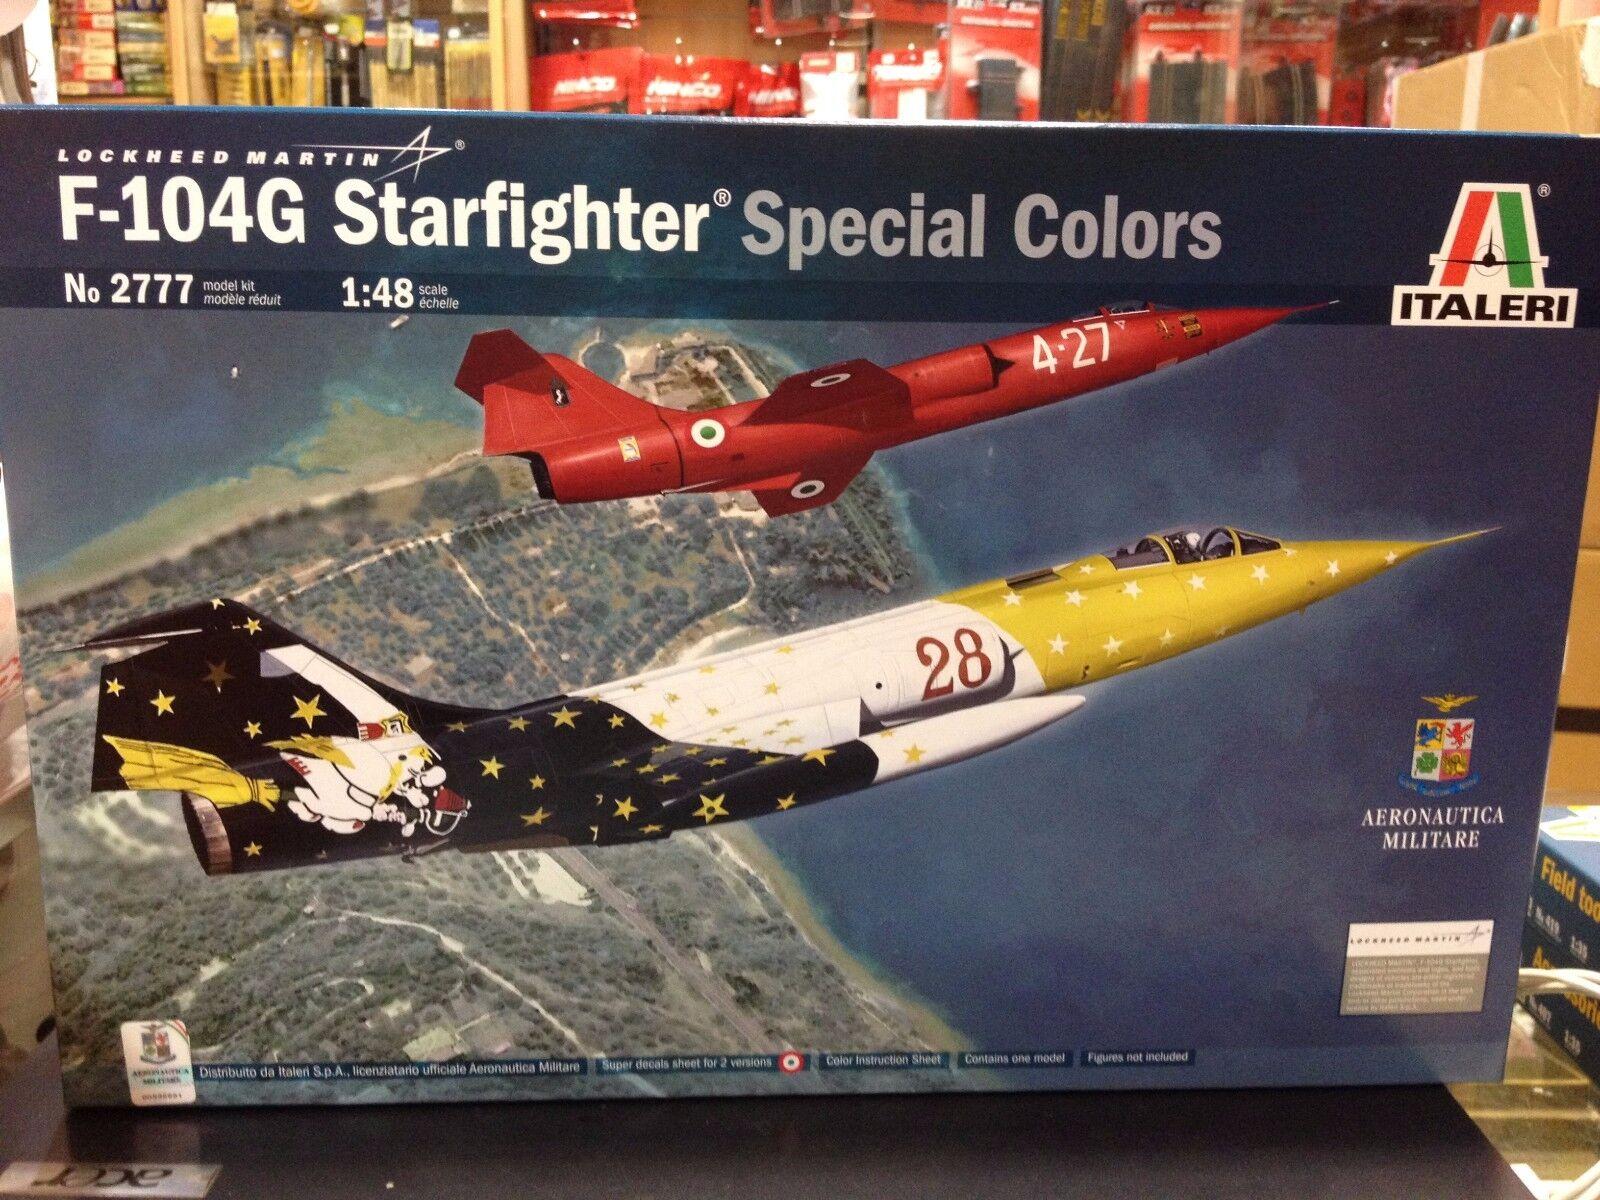 ci sono più marche di prodotti di alta qualità KIT KIT KIT MAQUETA F-104G estrellaFIGHTER specialeee ColoreeeeeeeeeS 1 48 ITALERI 2777  i nuovi marchi outlet online